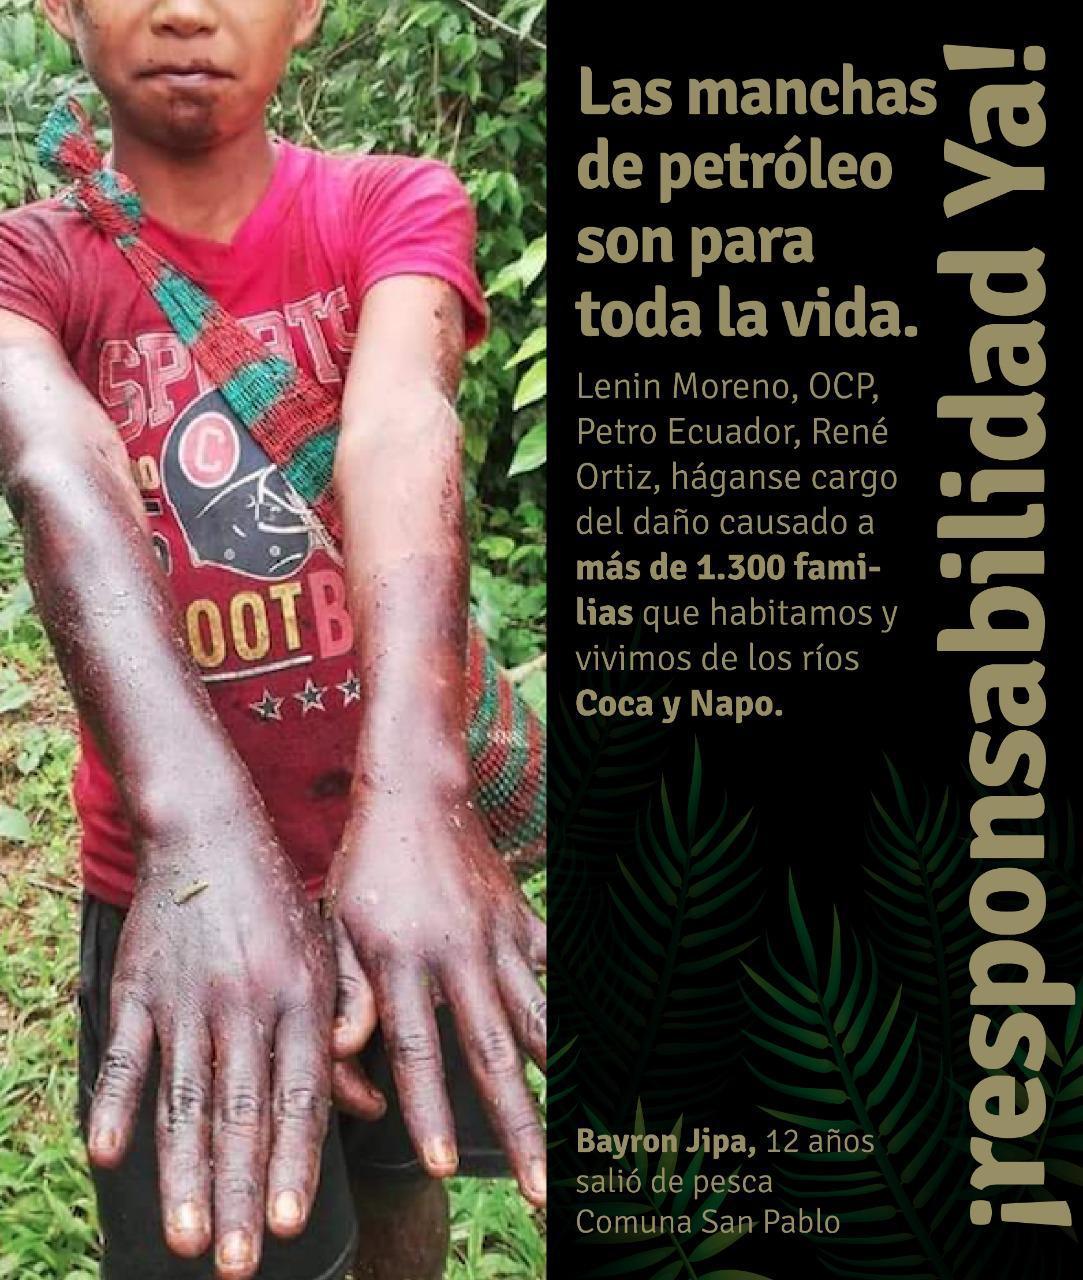 Los indígenas sufren las consecuencias del derrame de petroleo